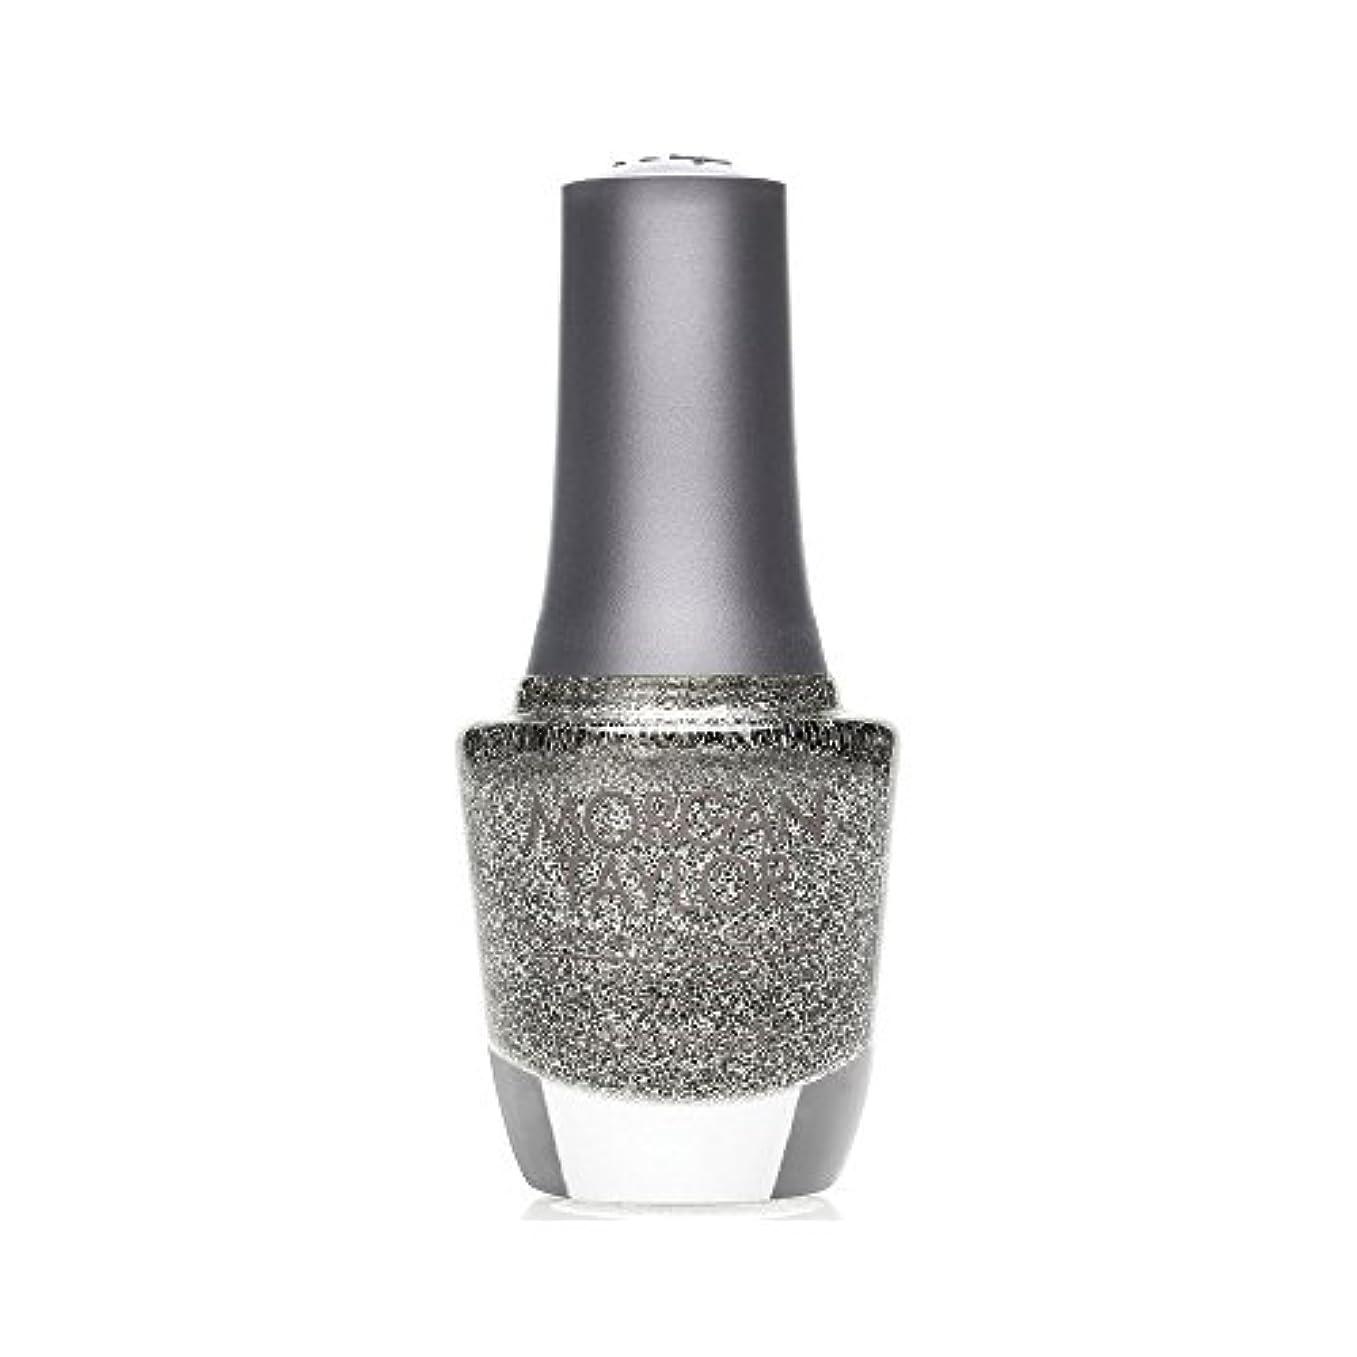 魔術師修羅場アメリカMorgan Taylor - Professional Nail Lacquer - Time to Shine - 15 mL / 0.5oz